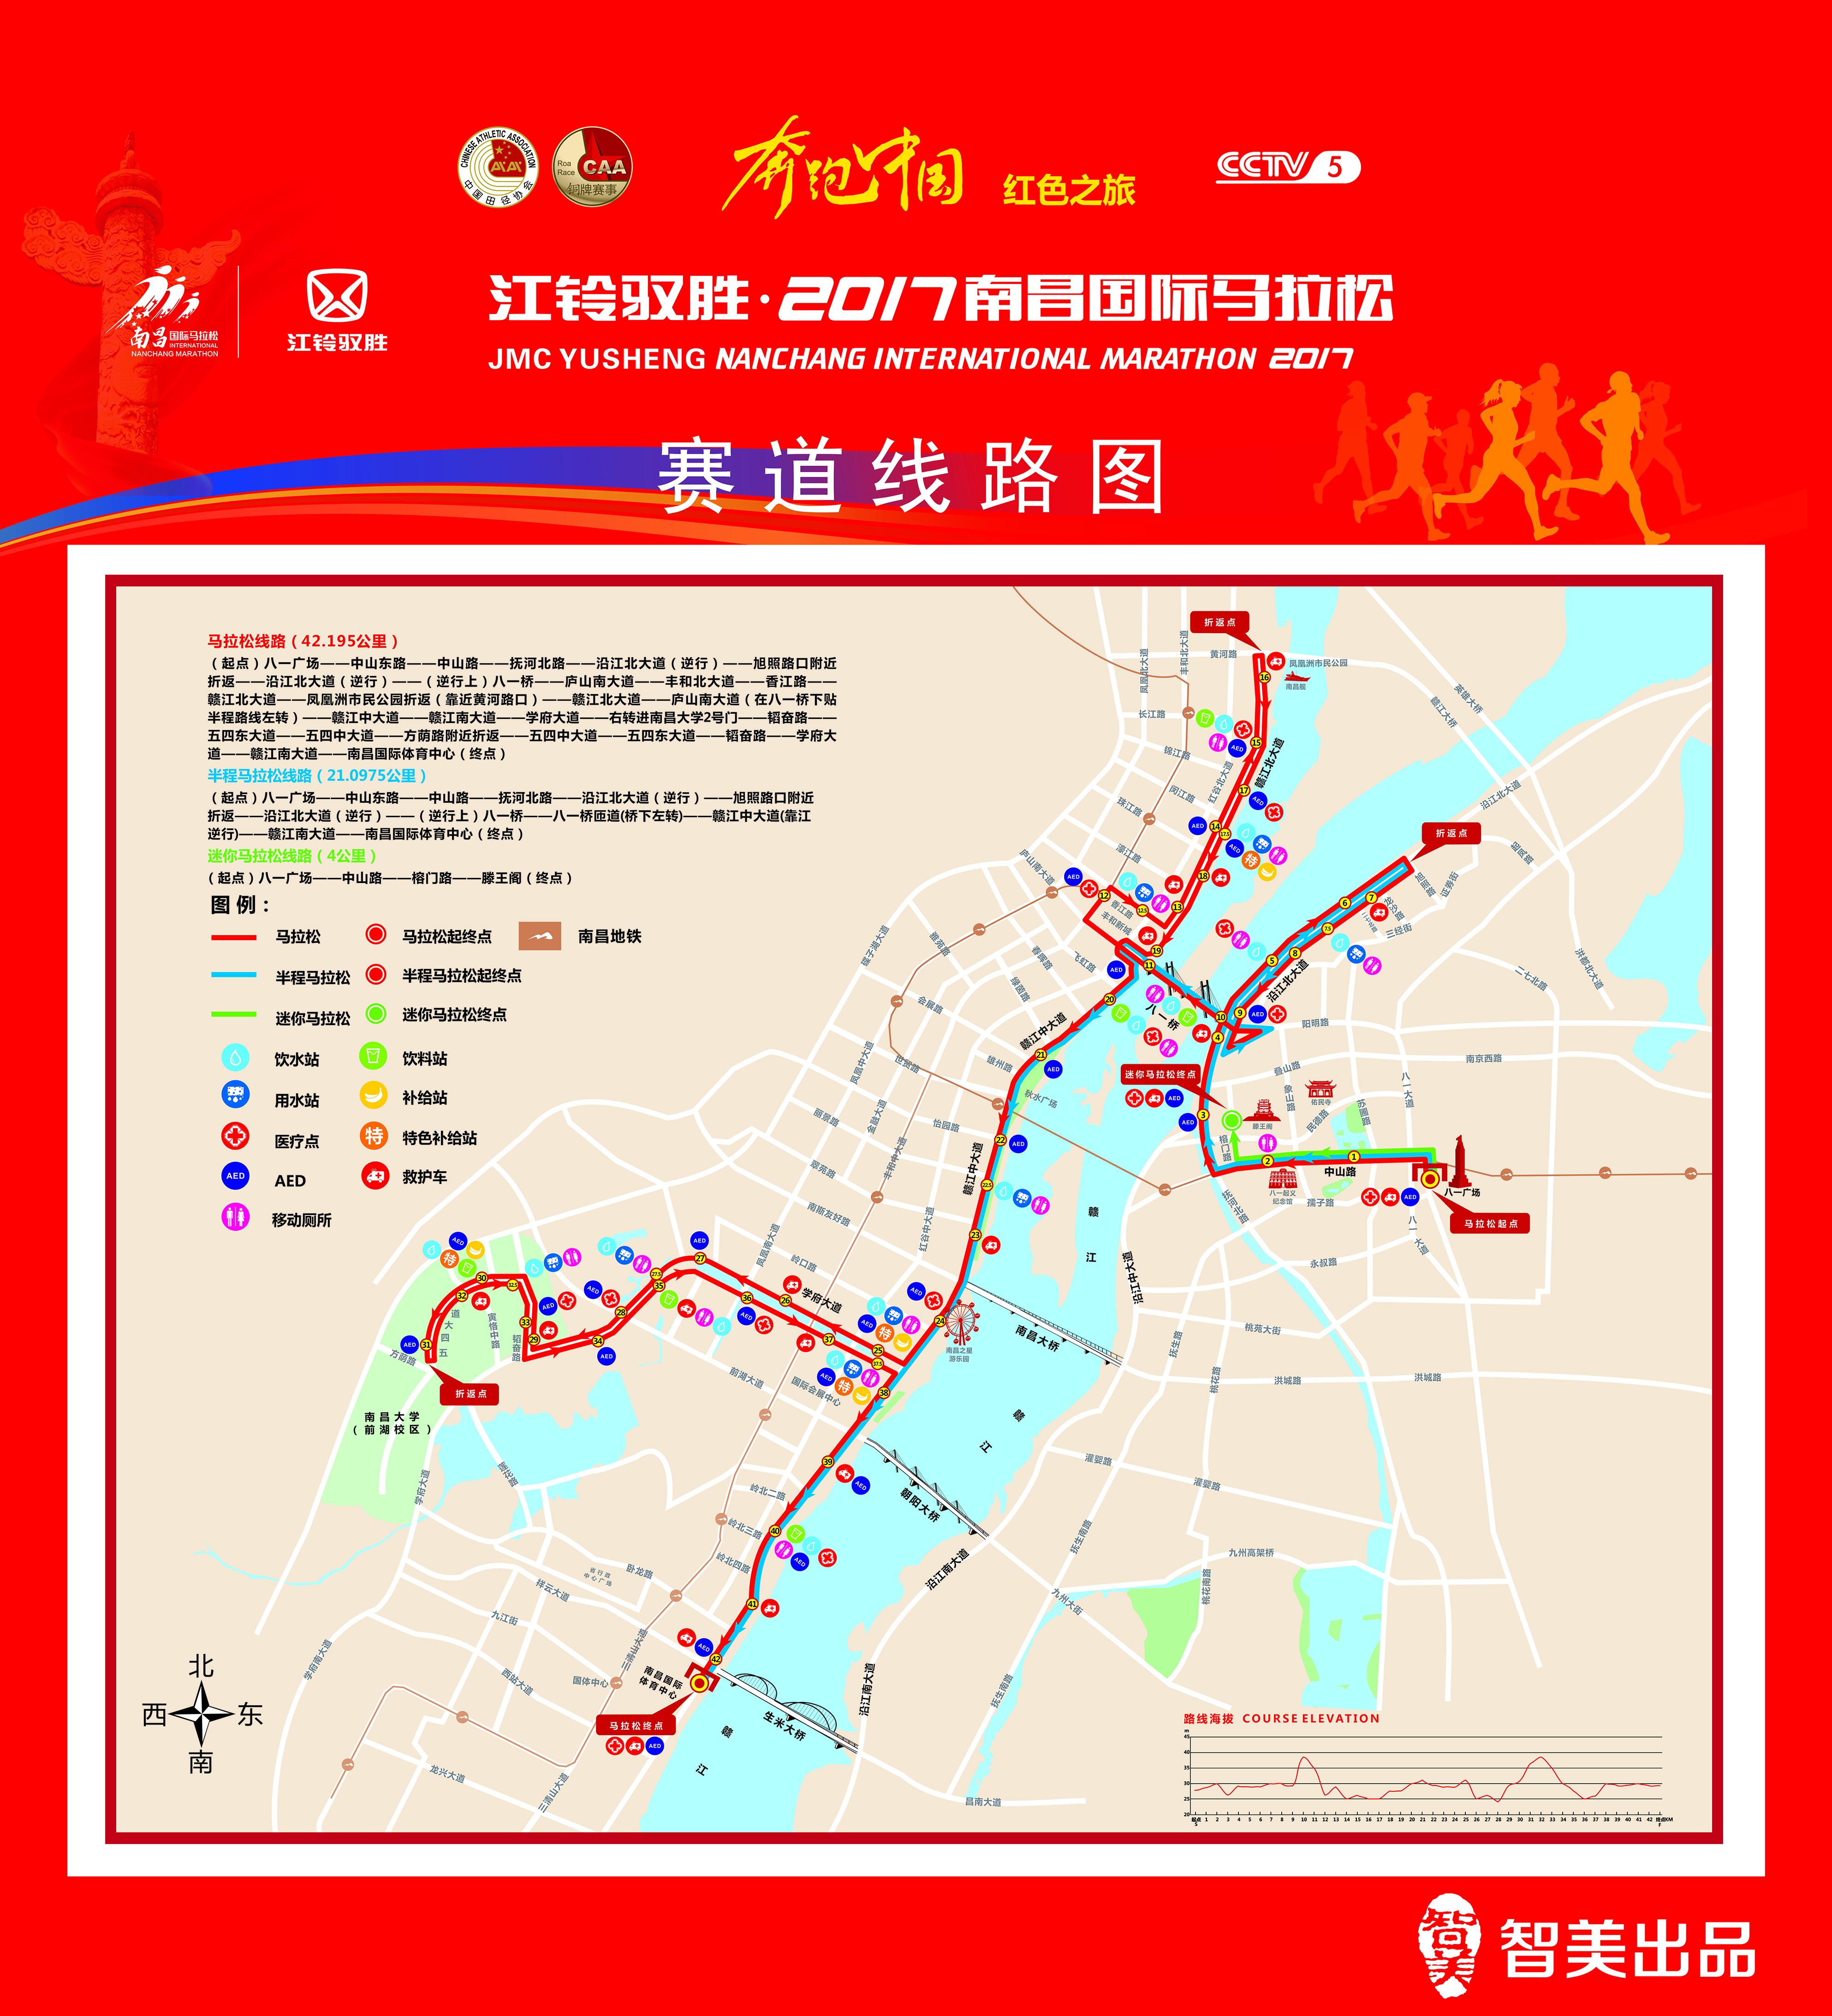 南昌国际马拉松路线图(高清)-已更新2018-第三届